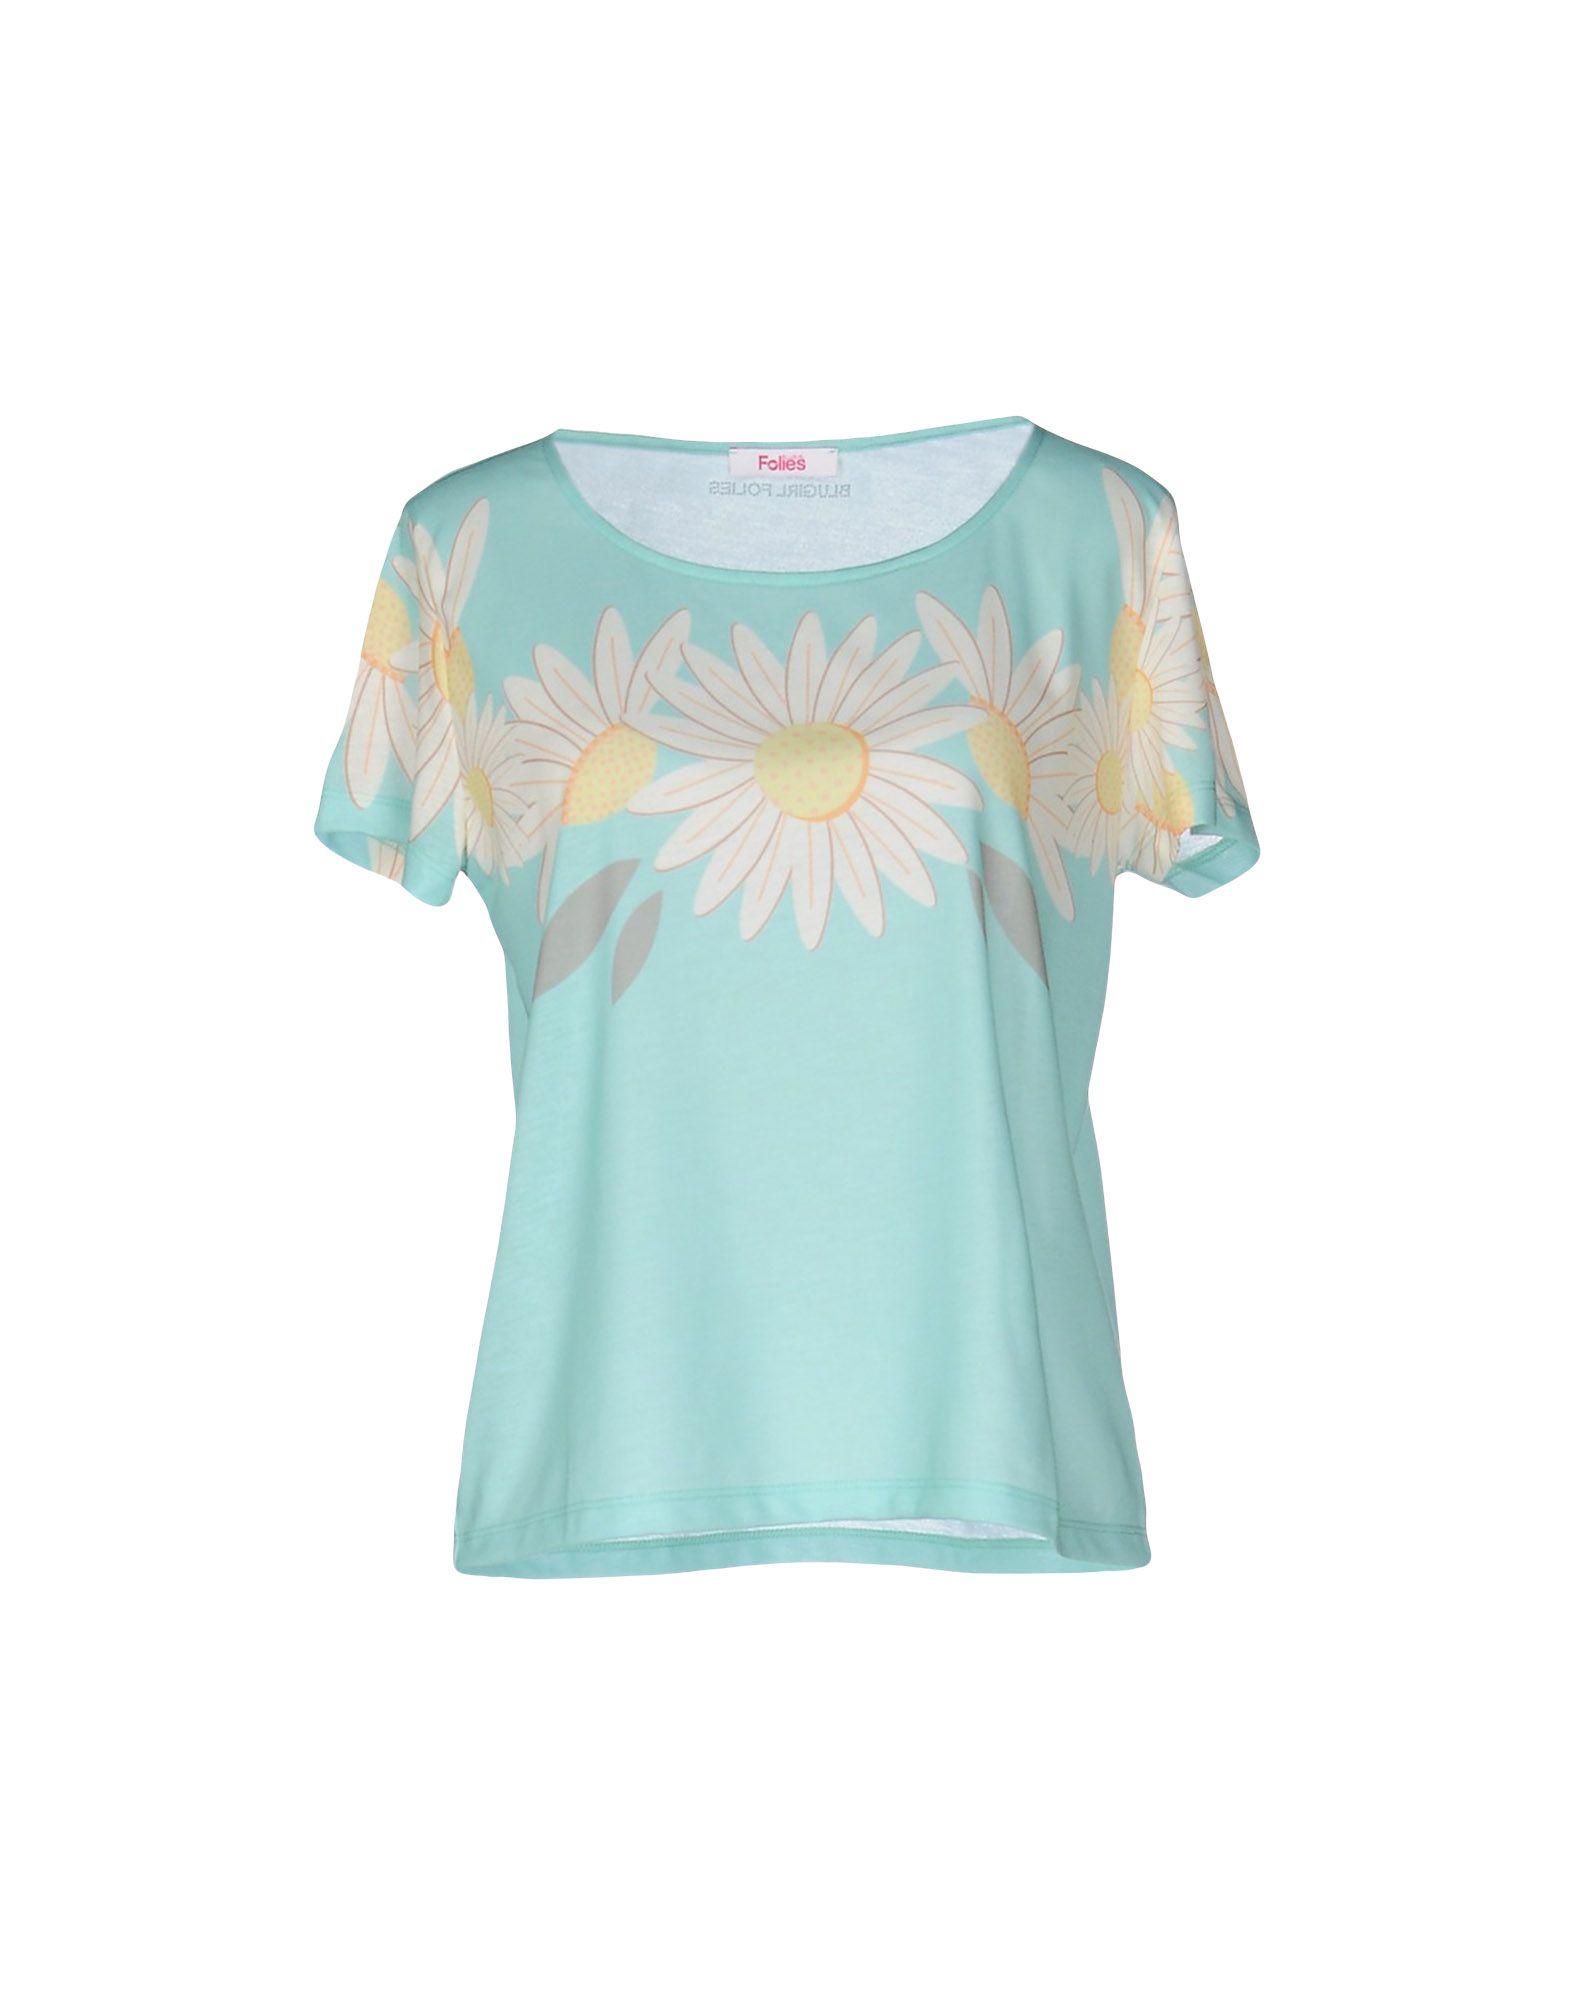 BLUGIRL FOLIES Damen T-shirts Farbe Säuregrün Größe 3